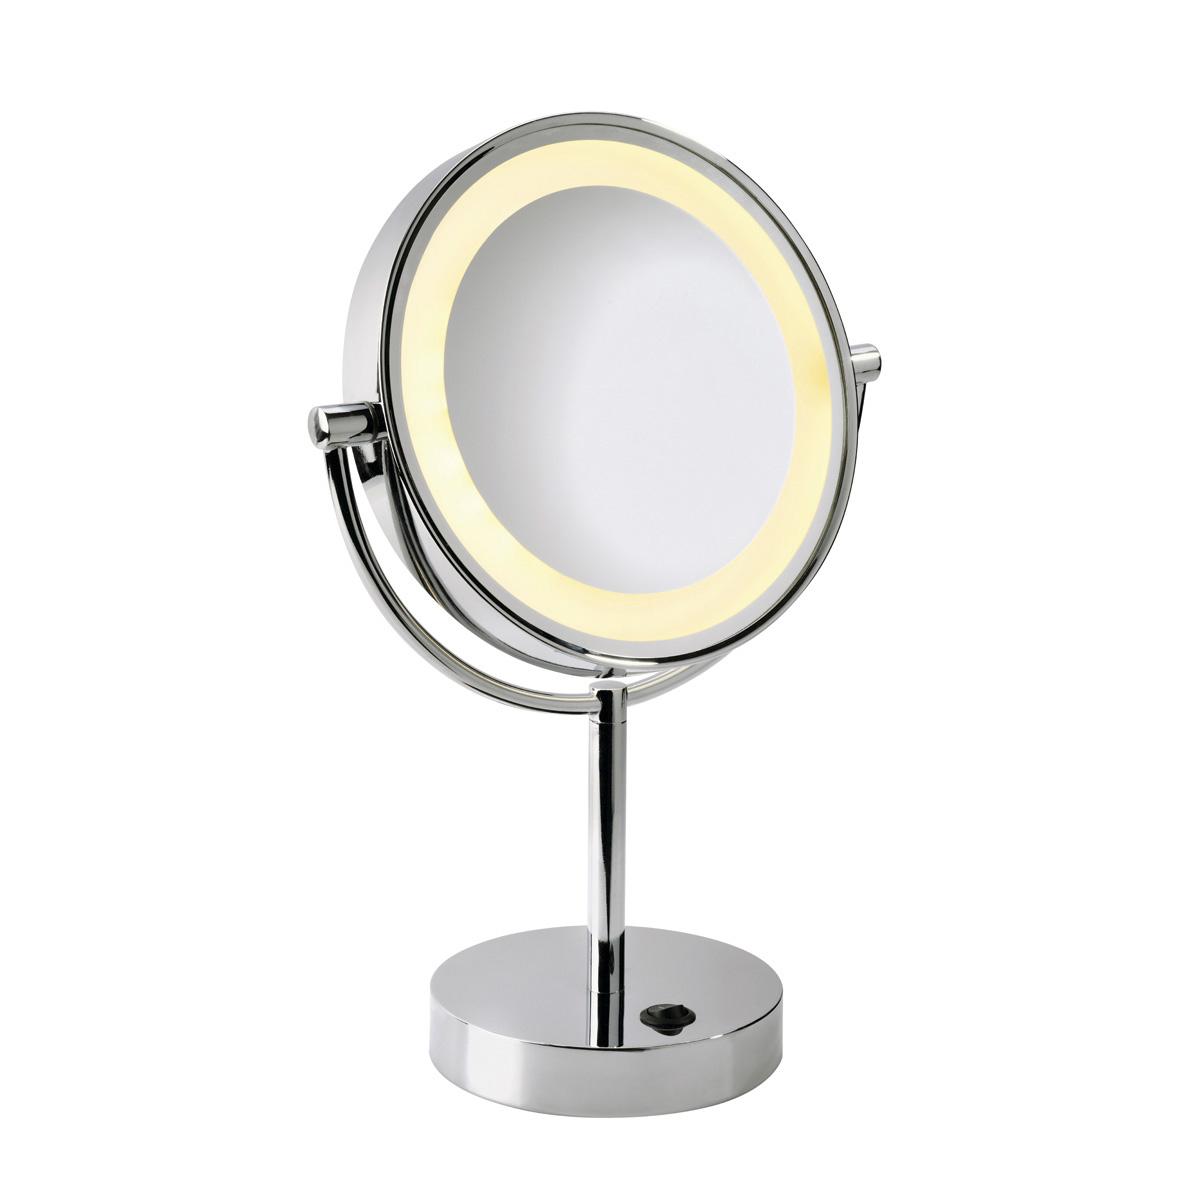 koop online vissardo tafel make up spiegel chroom 1xled. Black Bedroom Furniture Sets. Home Design Ideas